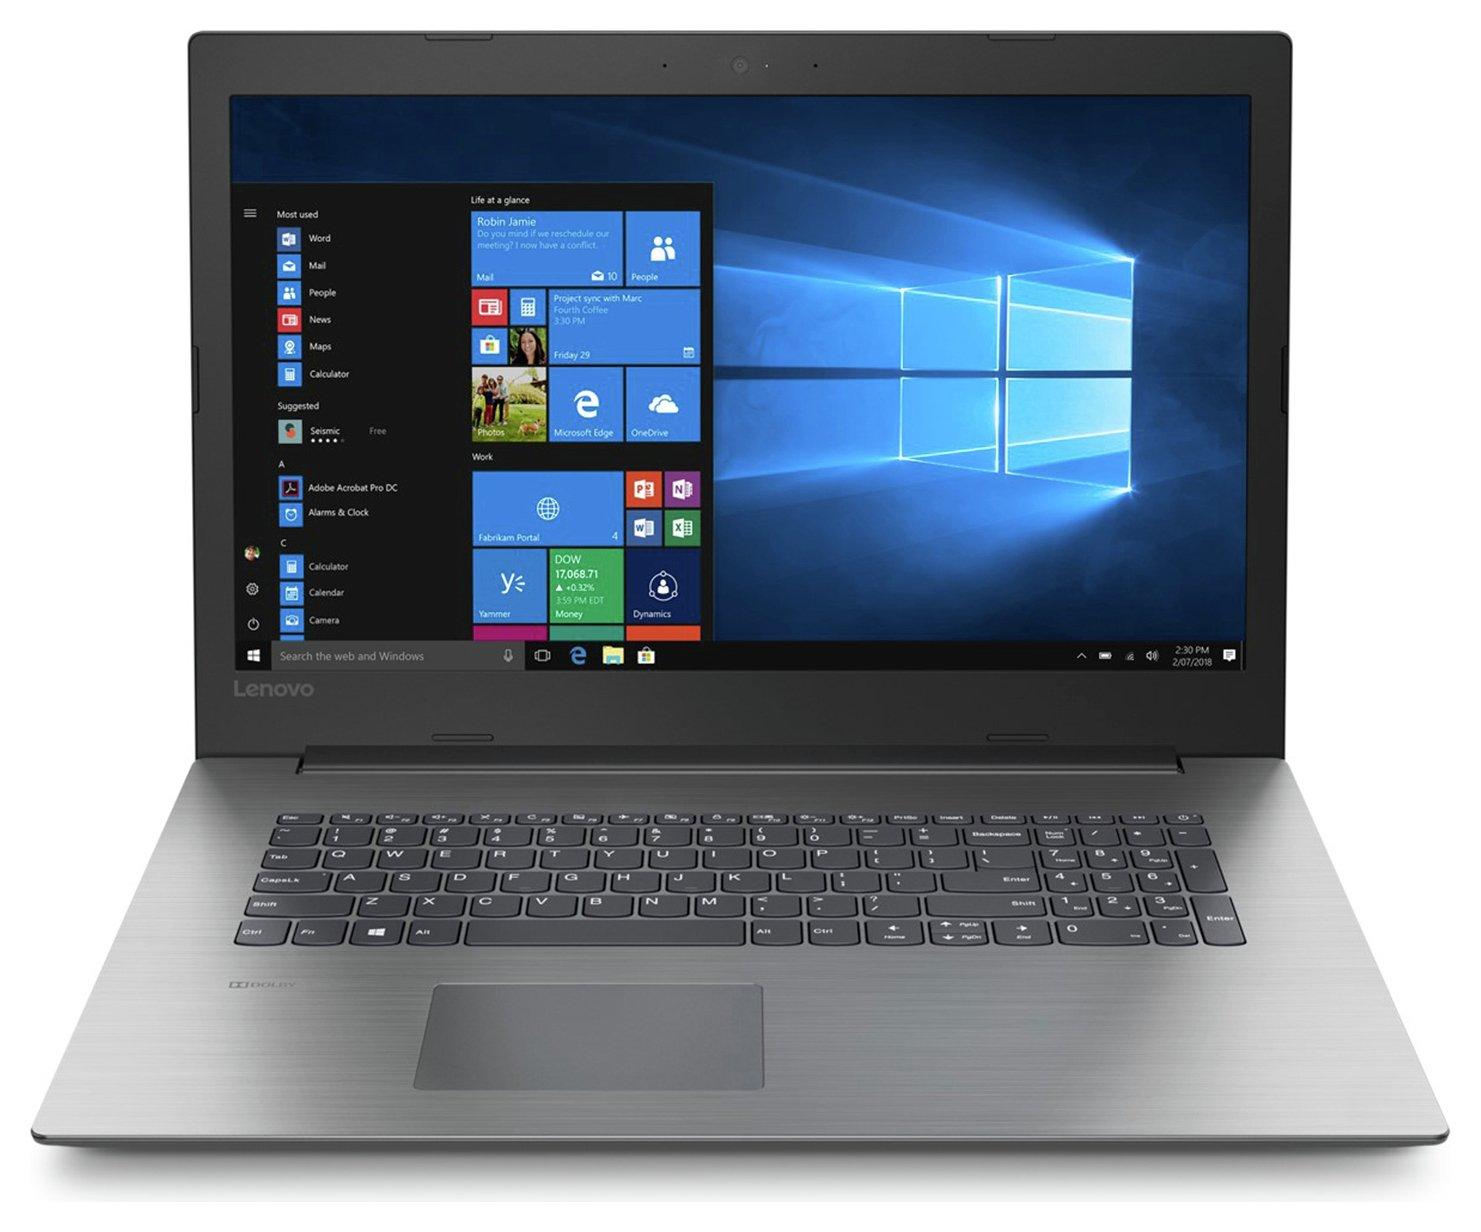 Lenovo IdeaPad 330 17.3 Inch AMD A6 8GB 1TB Laptop - Black